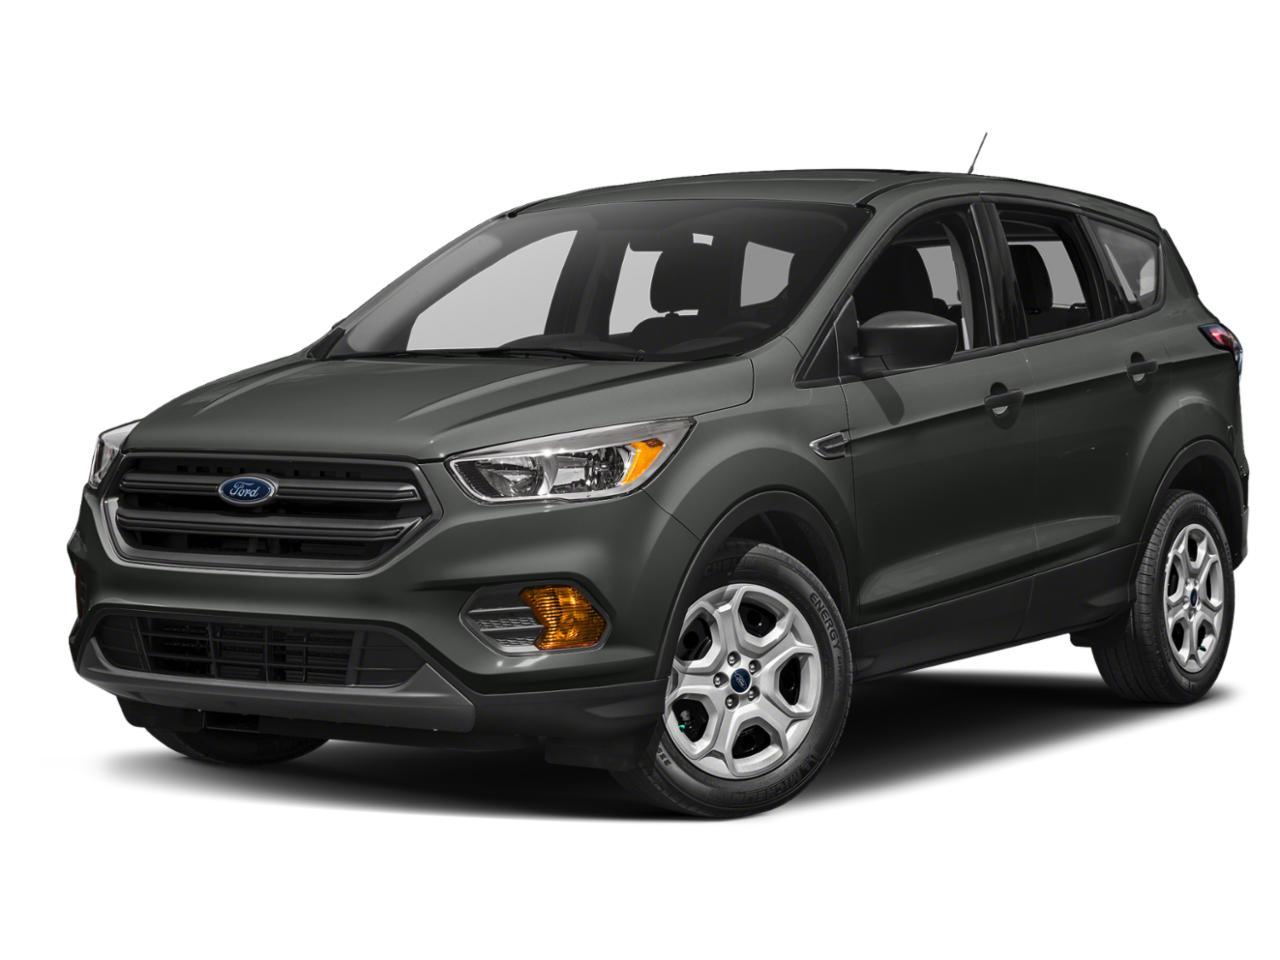 2019 Ford Escape Vehicle Photo in EMPORIA, VA 23847-1235